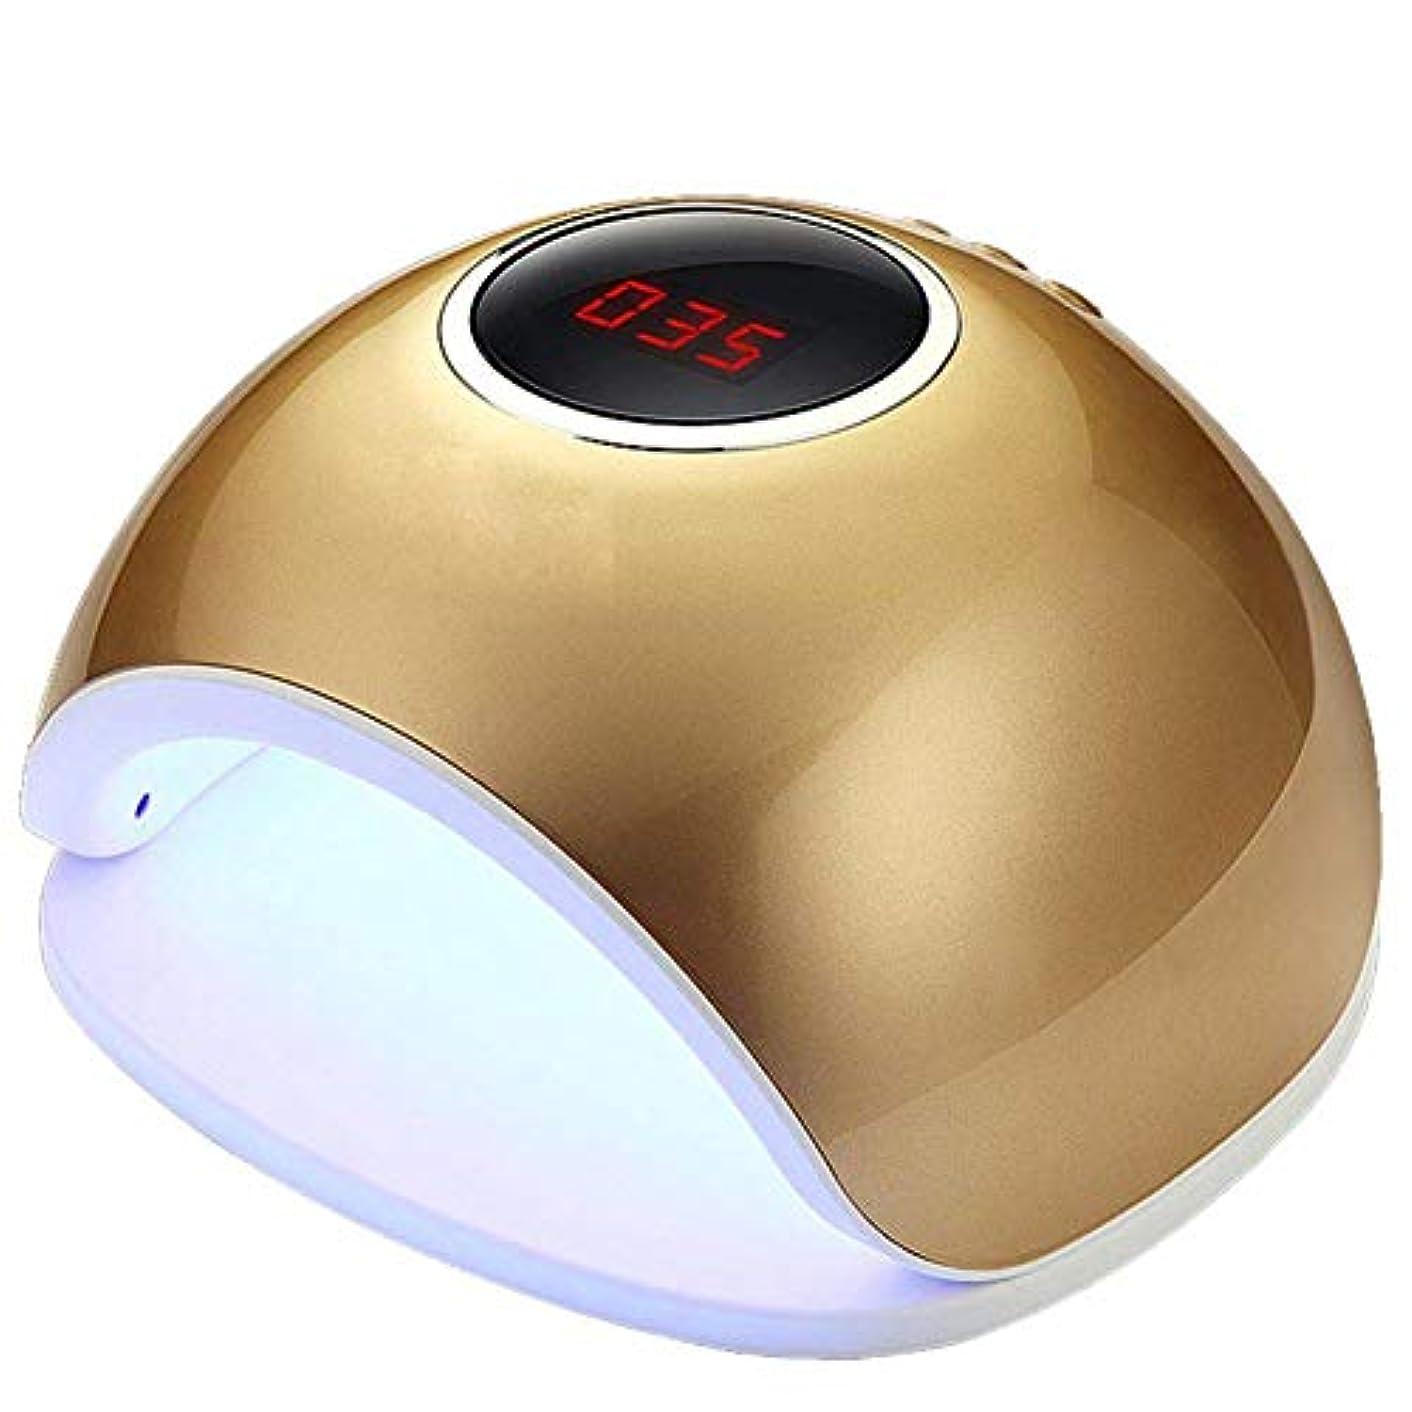 サイクル平等危険なマニキュアペディキュアスマート赤外線センシング、絵としての色のためのすべてのジェルネイルポリッシュサンライトランプを乾燥させるネイルドライヤー72Wを乾燥させるネイルドライヤーLED UVランプ